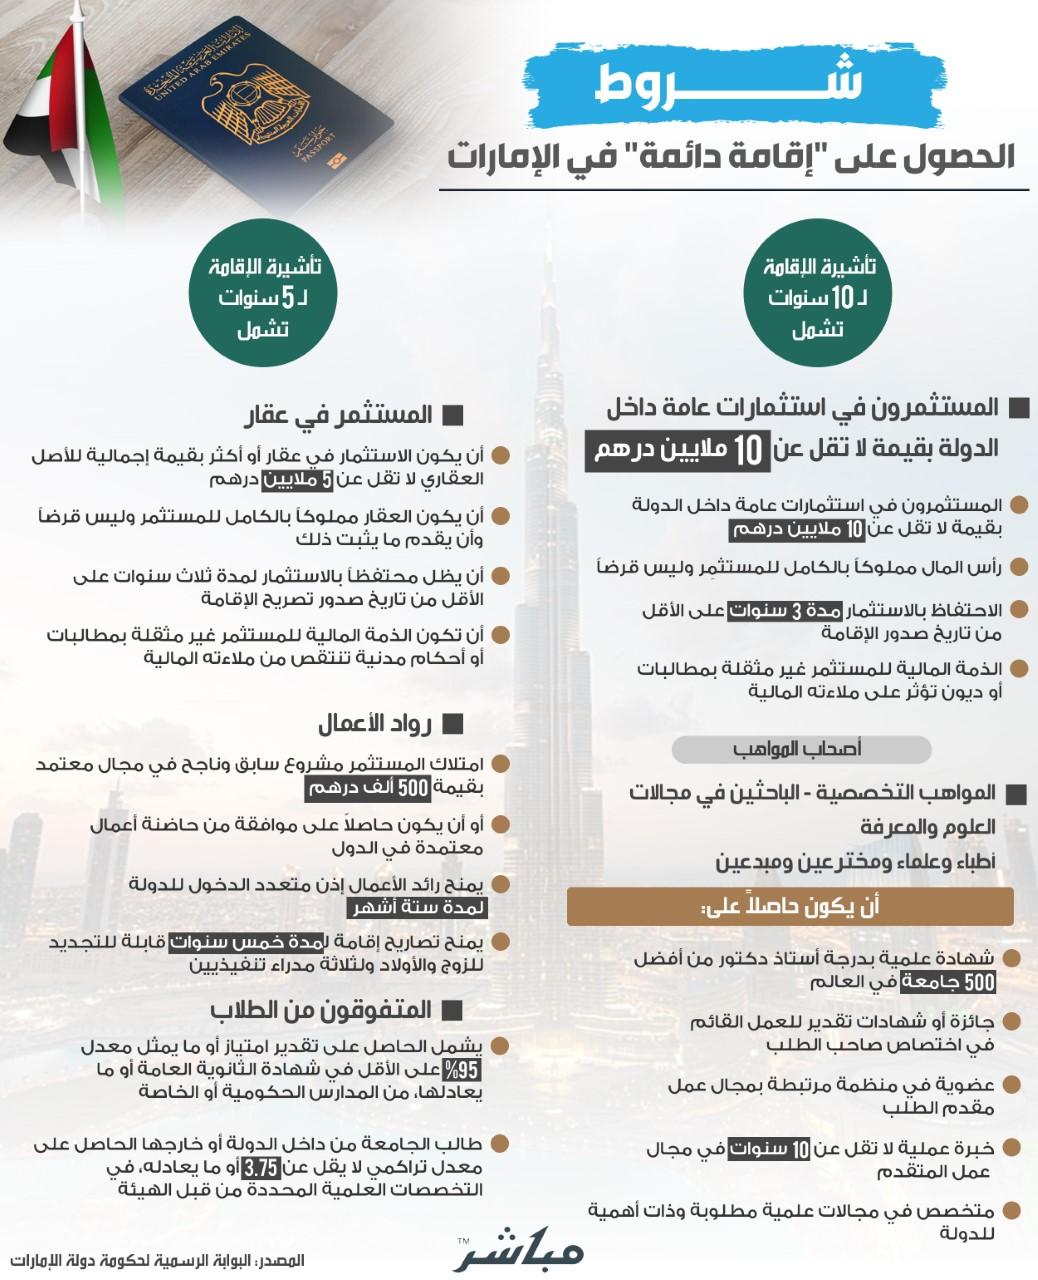 إنفوجرافيك شروط الحصول على إقامة دائمة في الإمارات معلومات مباشر